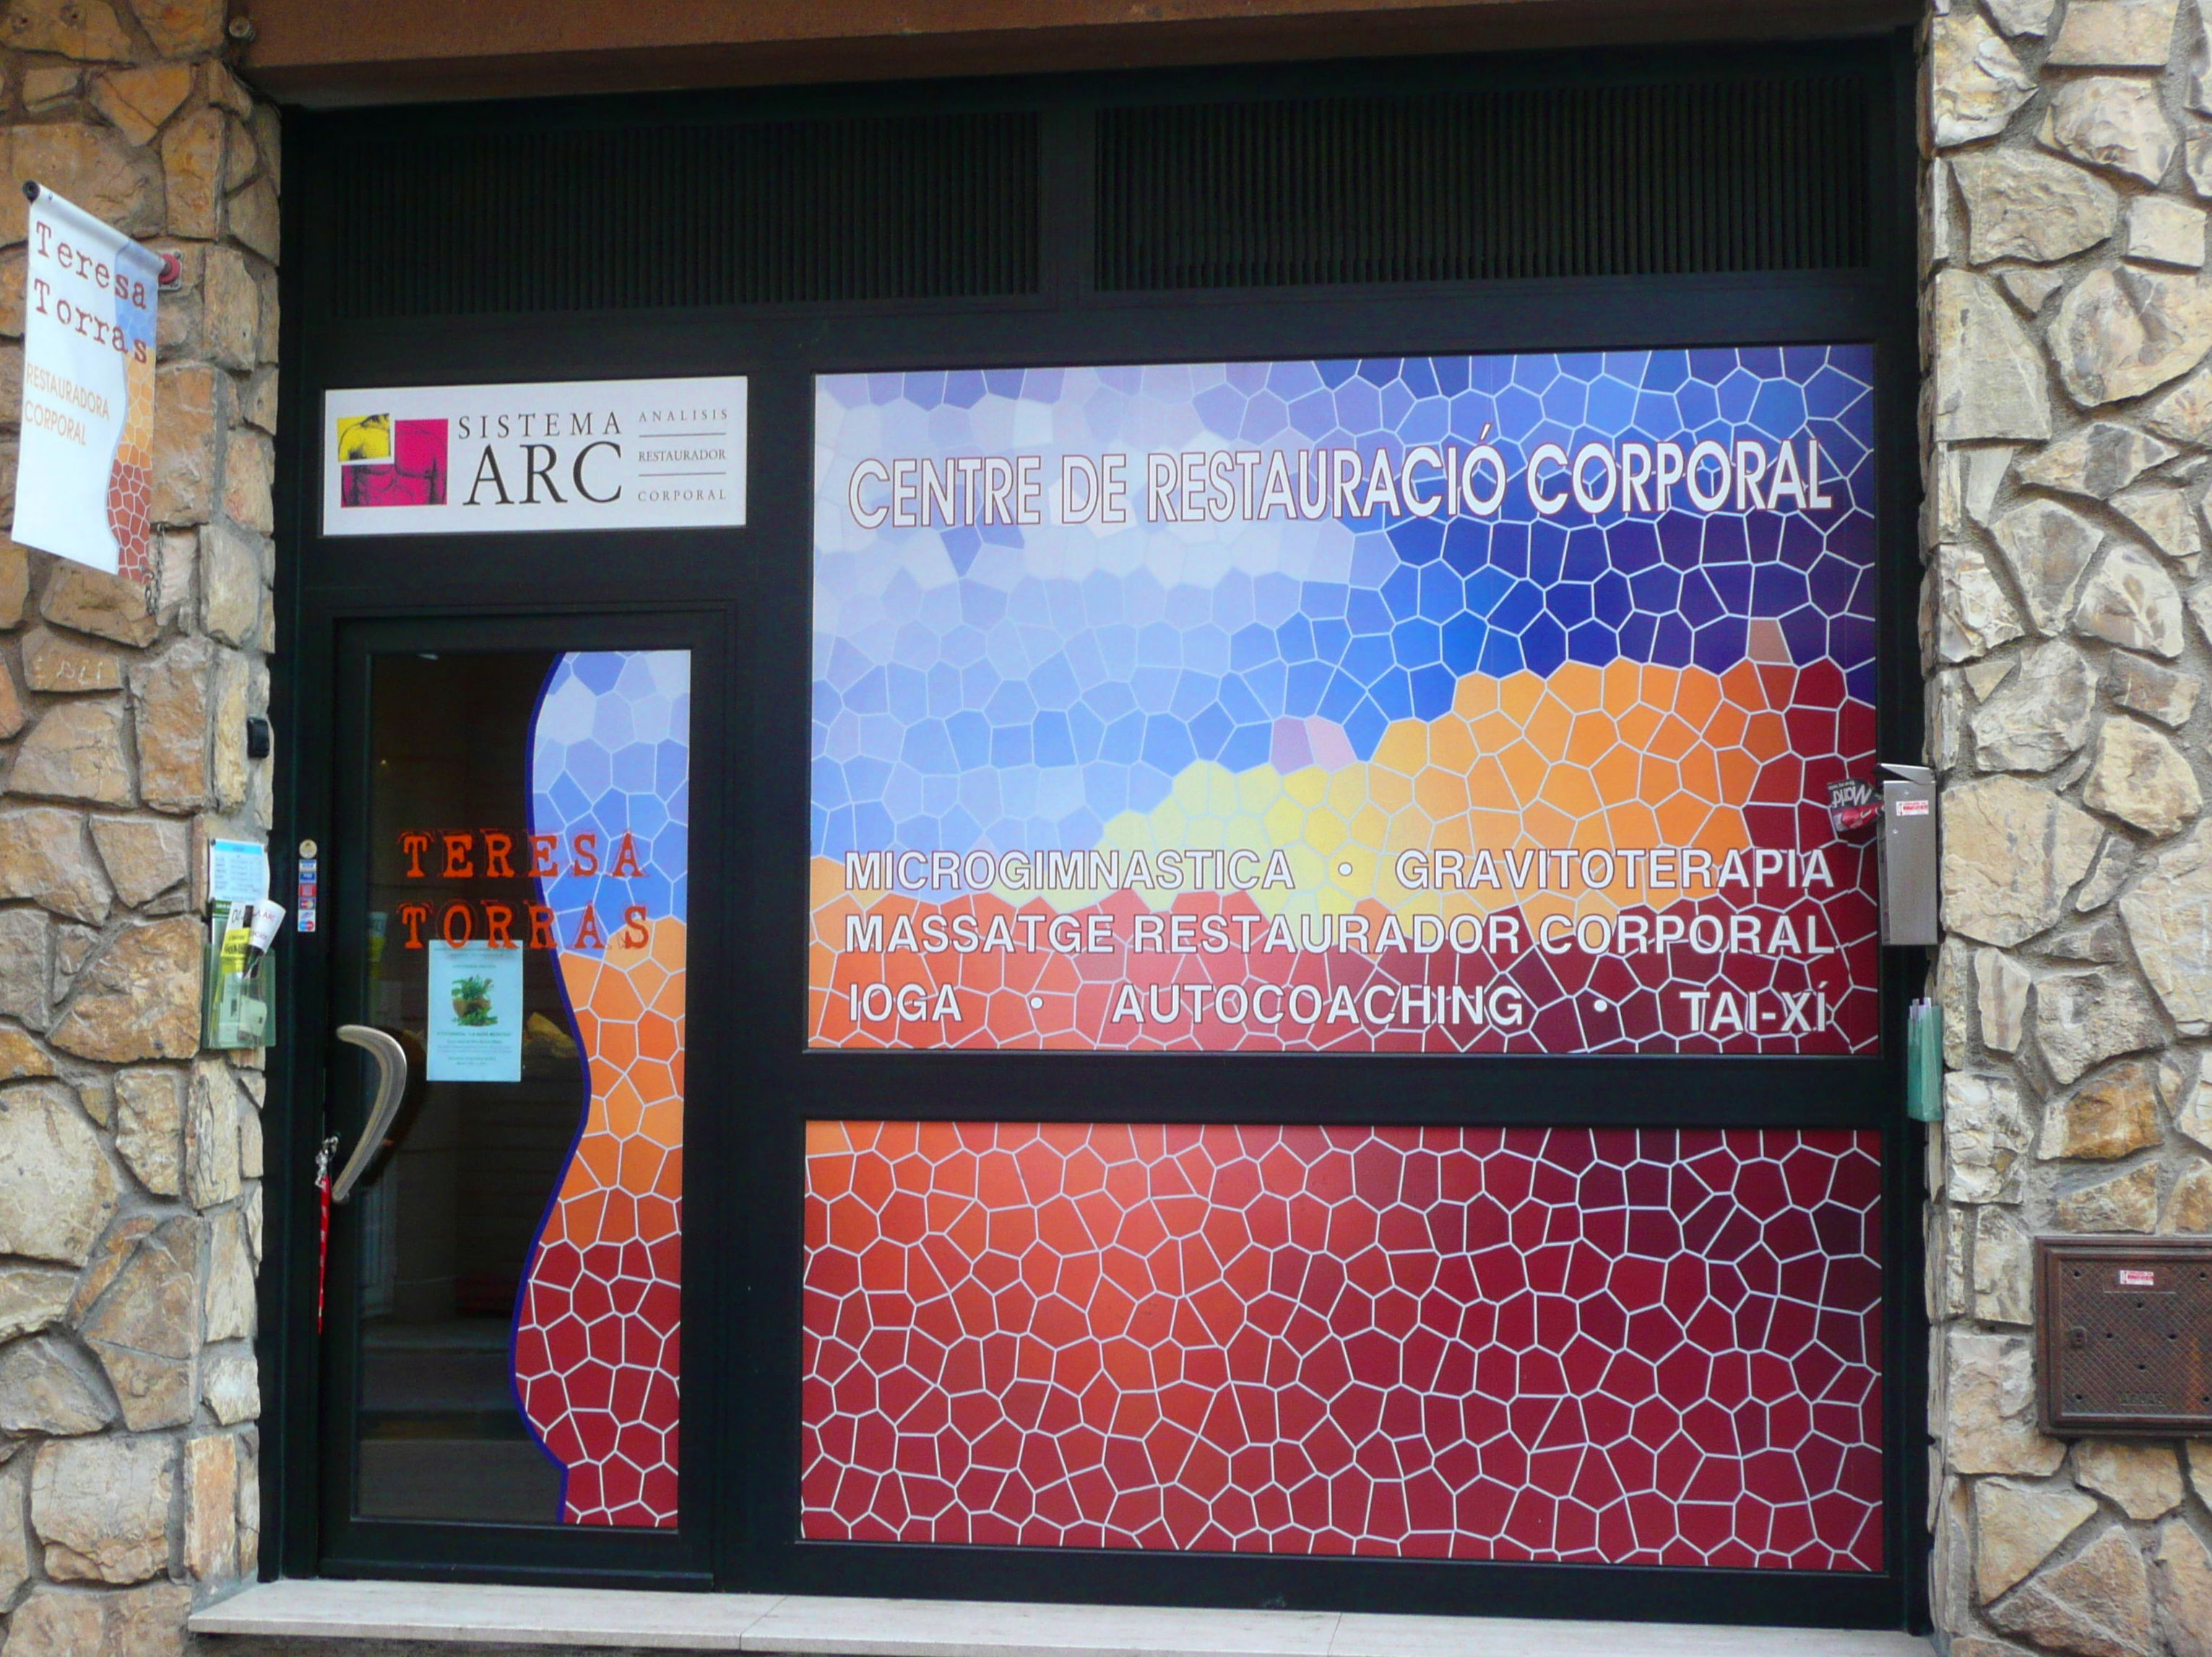 Foto 1 de Yoga en Corbera de Llobregat | Centre de restauració corporal